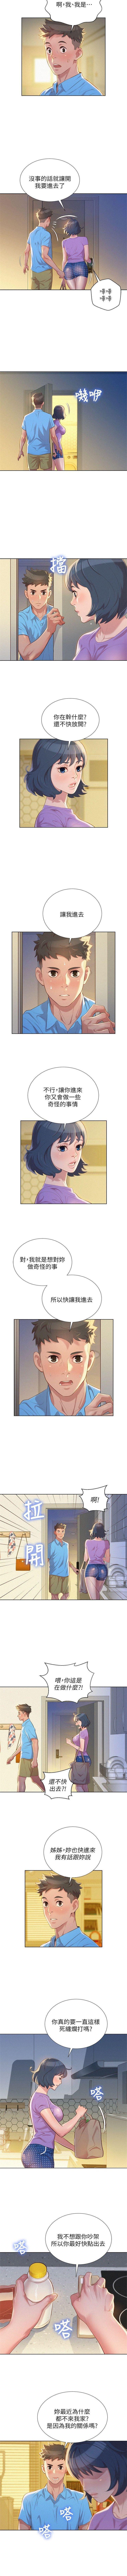 (週7)漂亮幹姐姐  1-92 中文翻譯 (更新中) 131